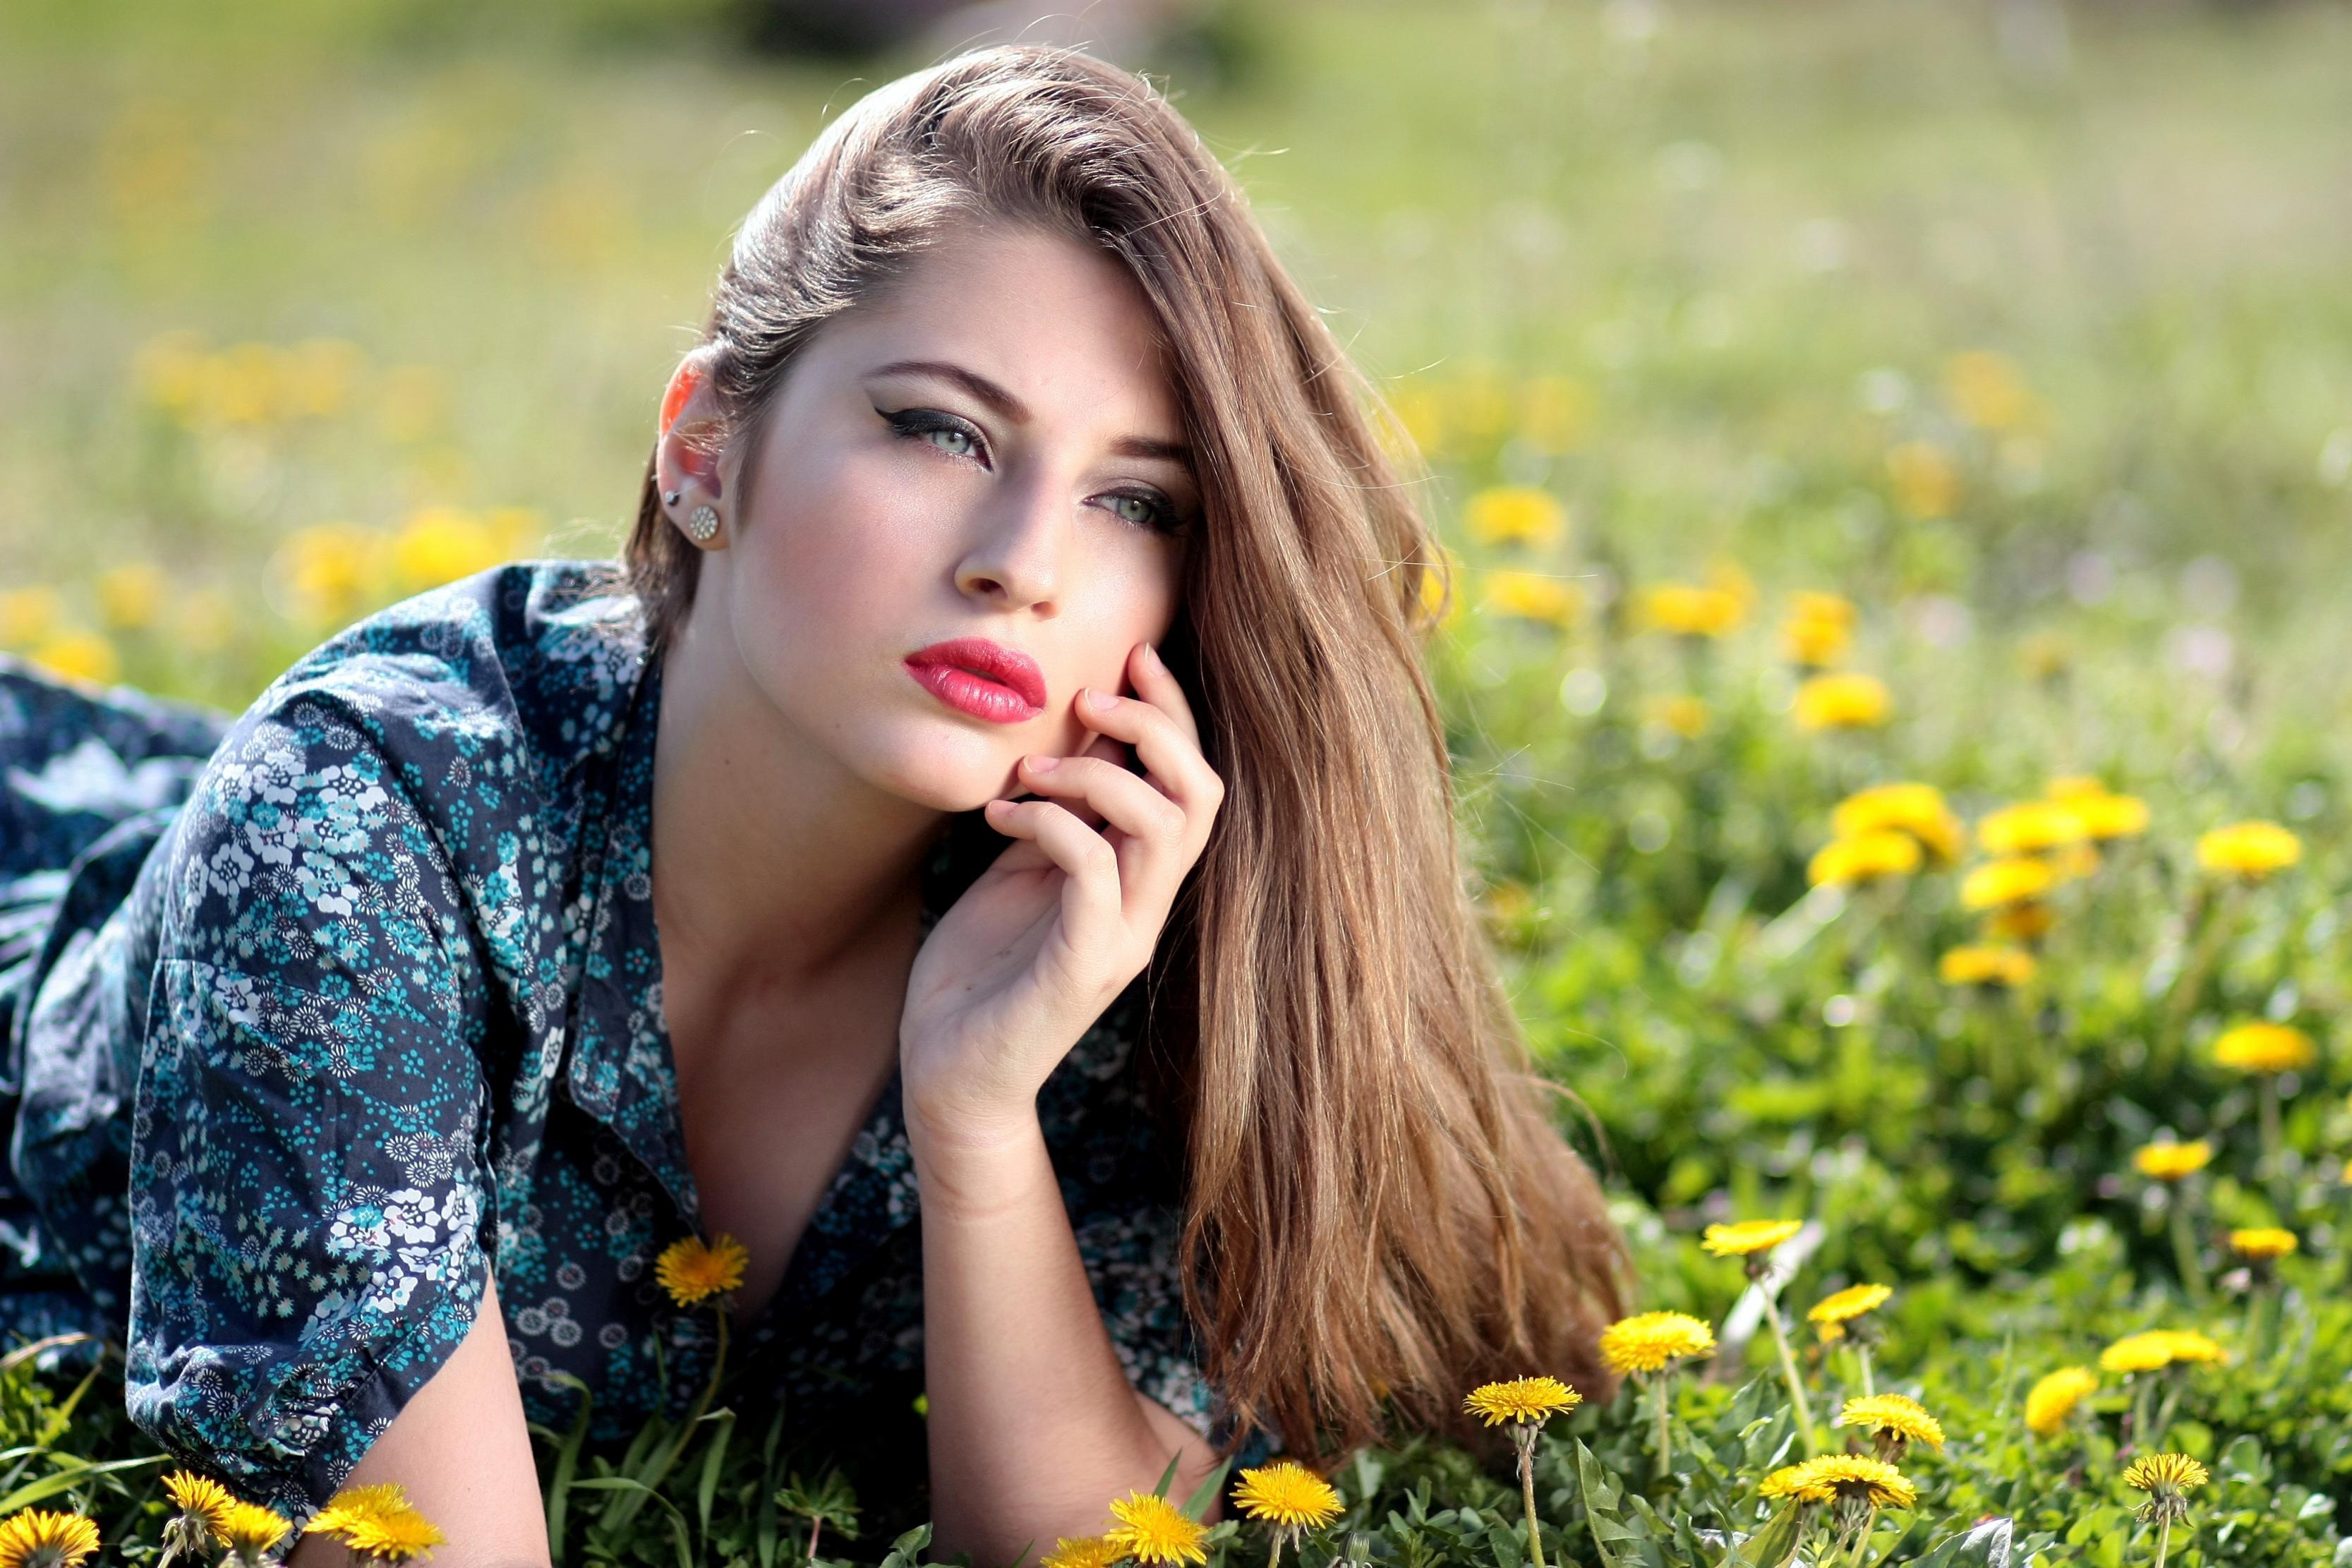 صوره صور بنات كيوت روعه , رقة وطفولة وجاذبية في احلى صور للفتيات الجميلة